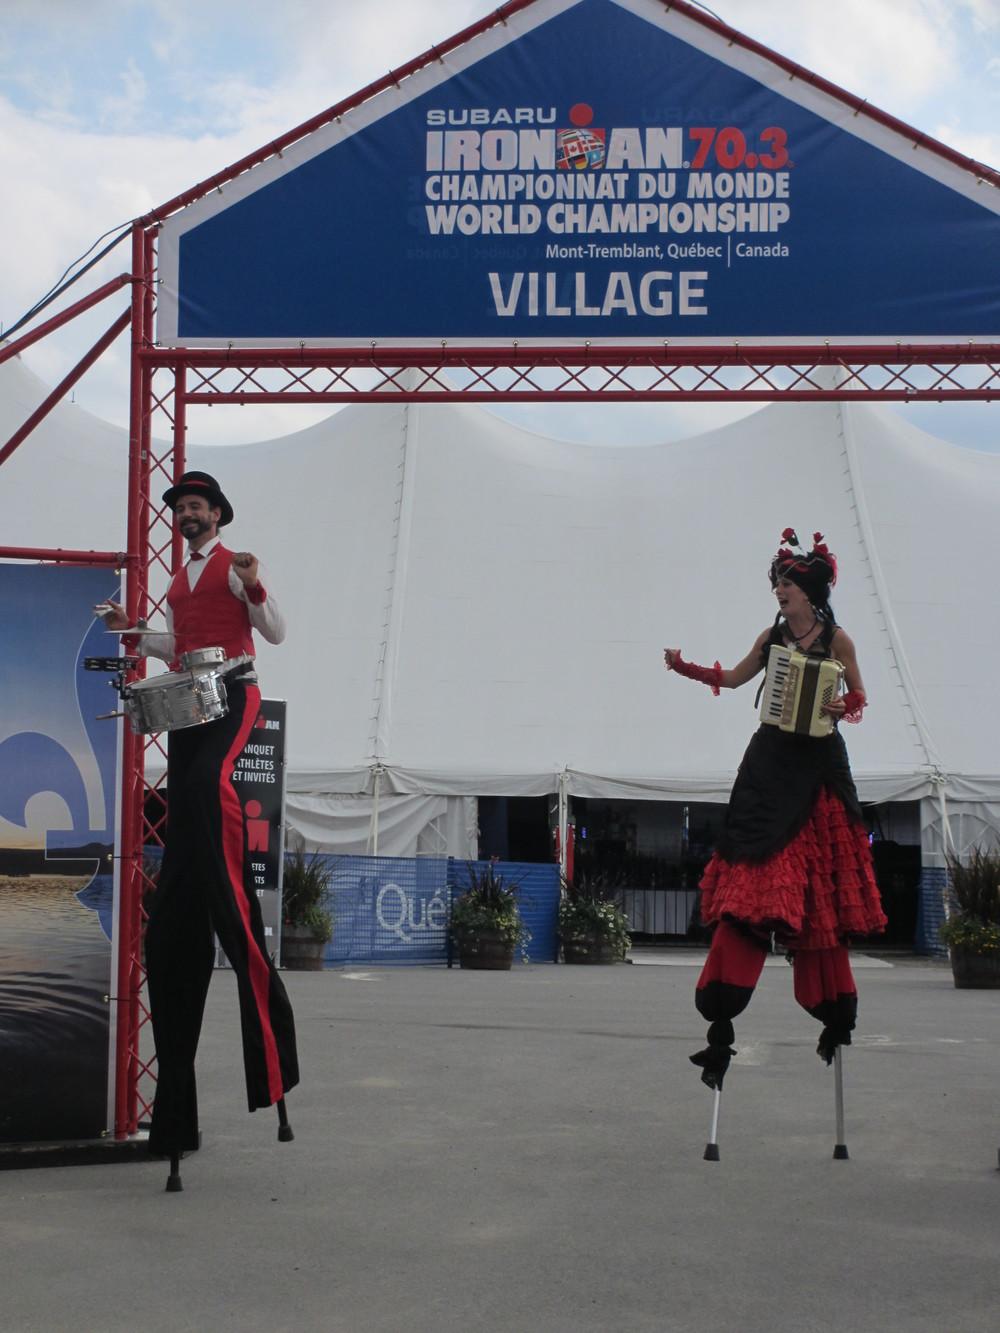 Carnival scene in the athlete village.